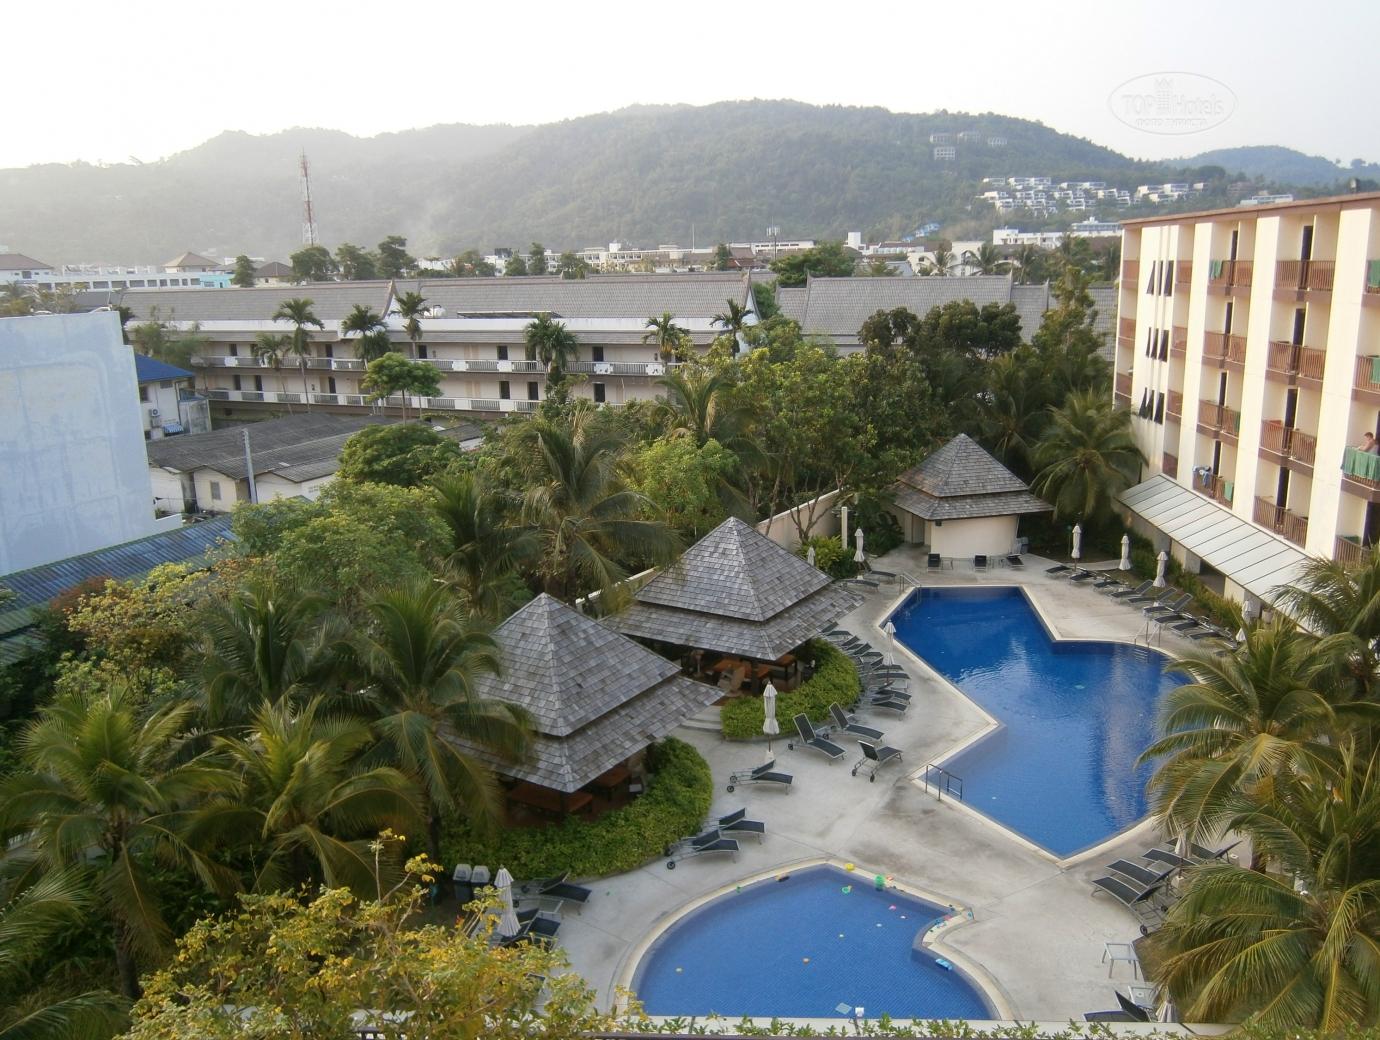 Отель голден холидей вьетнам отзывы и фото грому